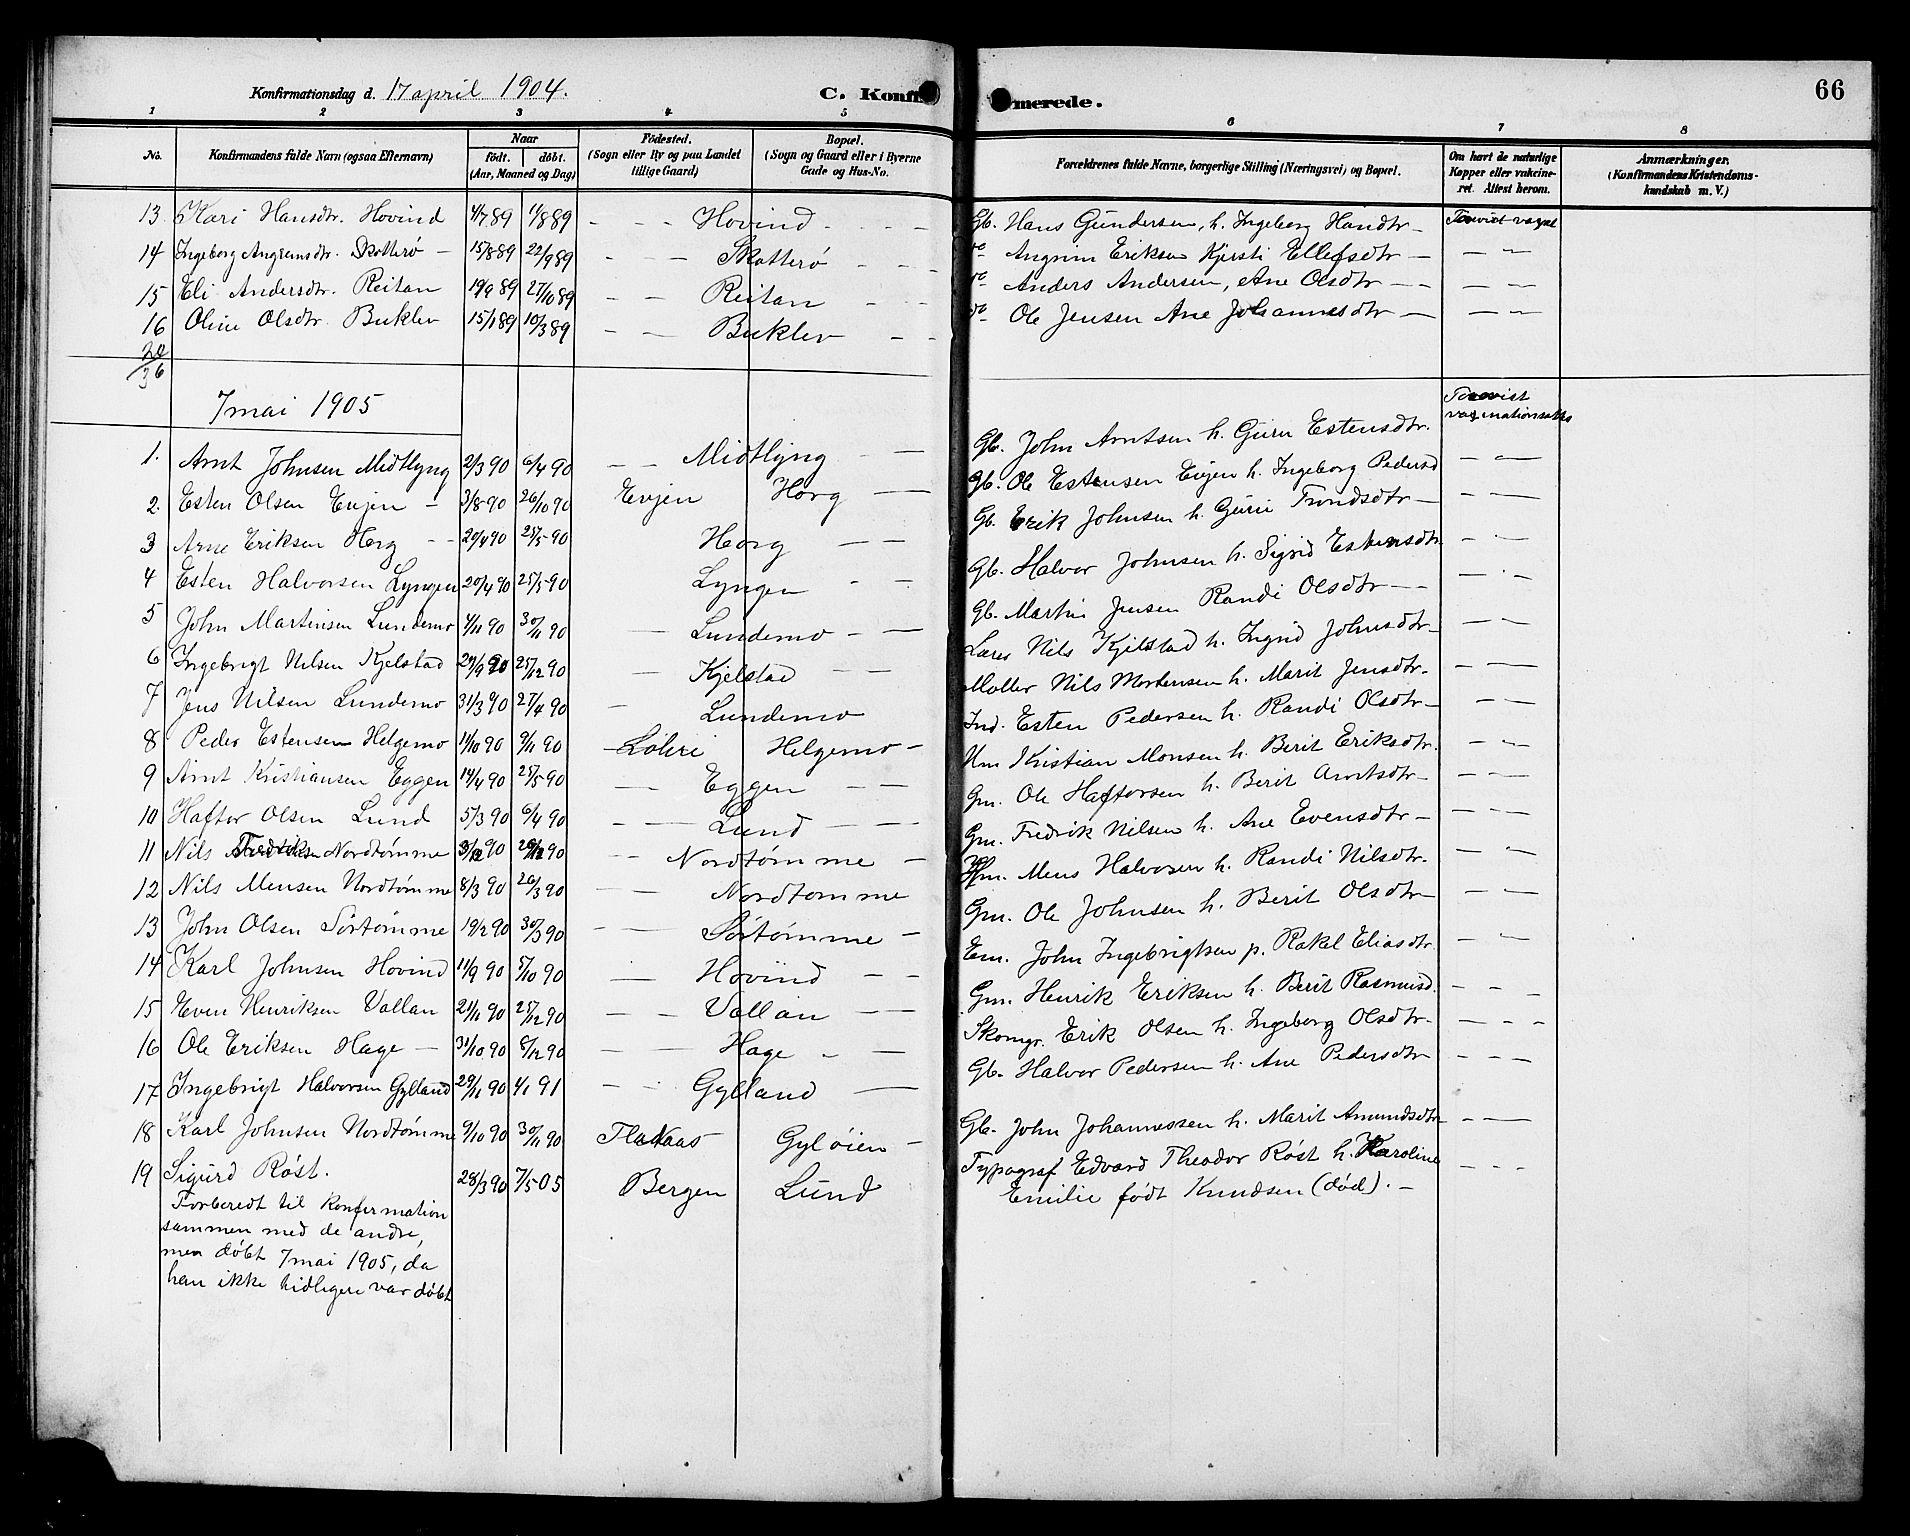 SAT, Ministerialprotokoller, klokkerbøker og fødselsregistre - Sør-Trøndelag, 692/L1112: Klokkerbok nr. 692C07, 1904-1918, s. 66